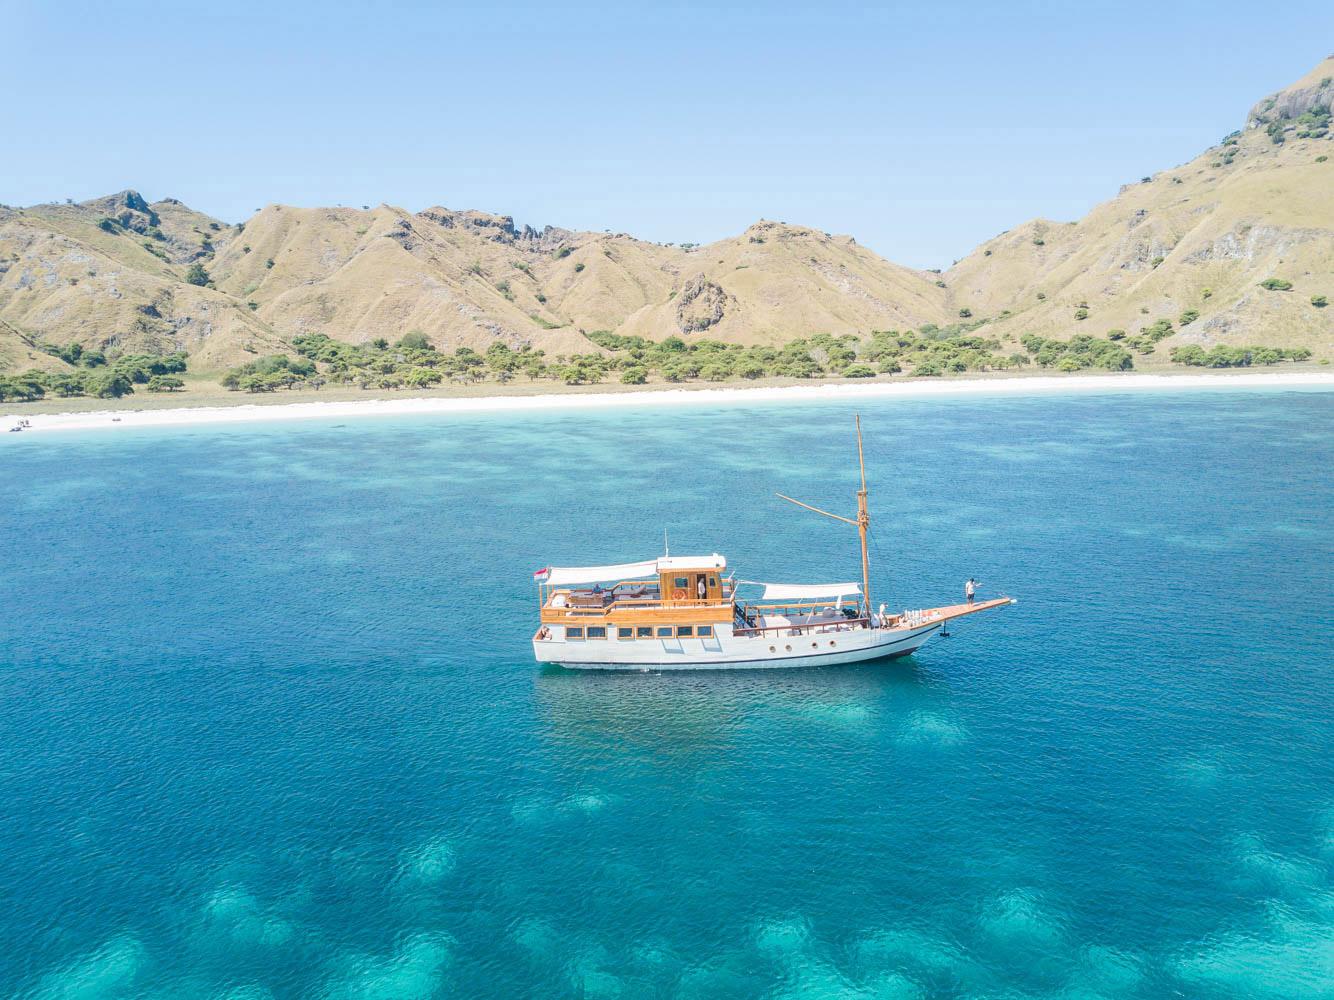 kelana_boat_cruise_komodo.jpg